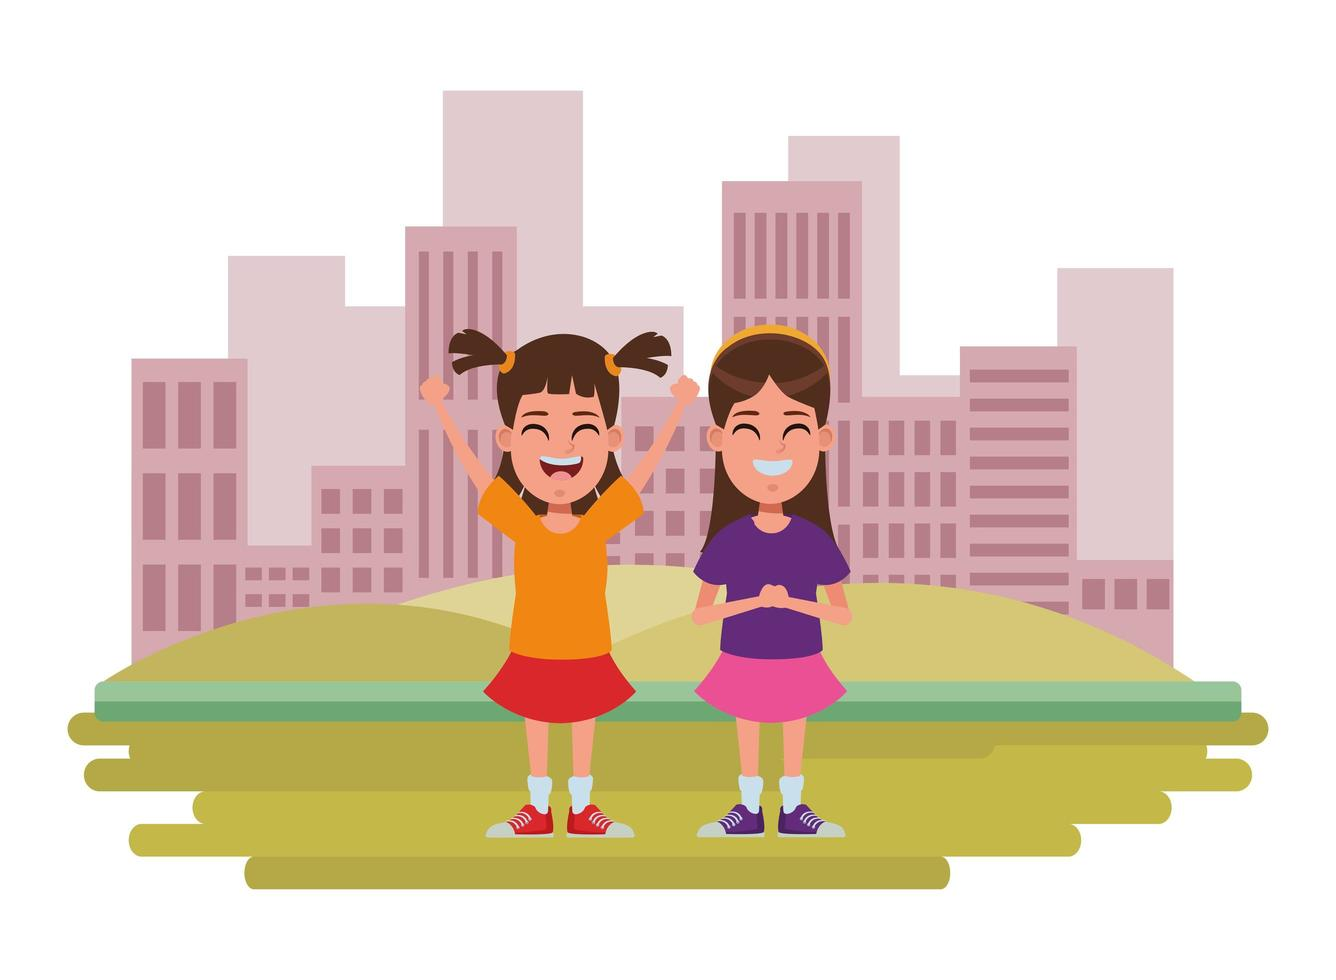 Kinderzeichentrickfiguren in der Stadtszene vektor